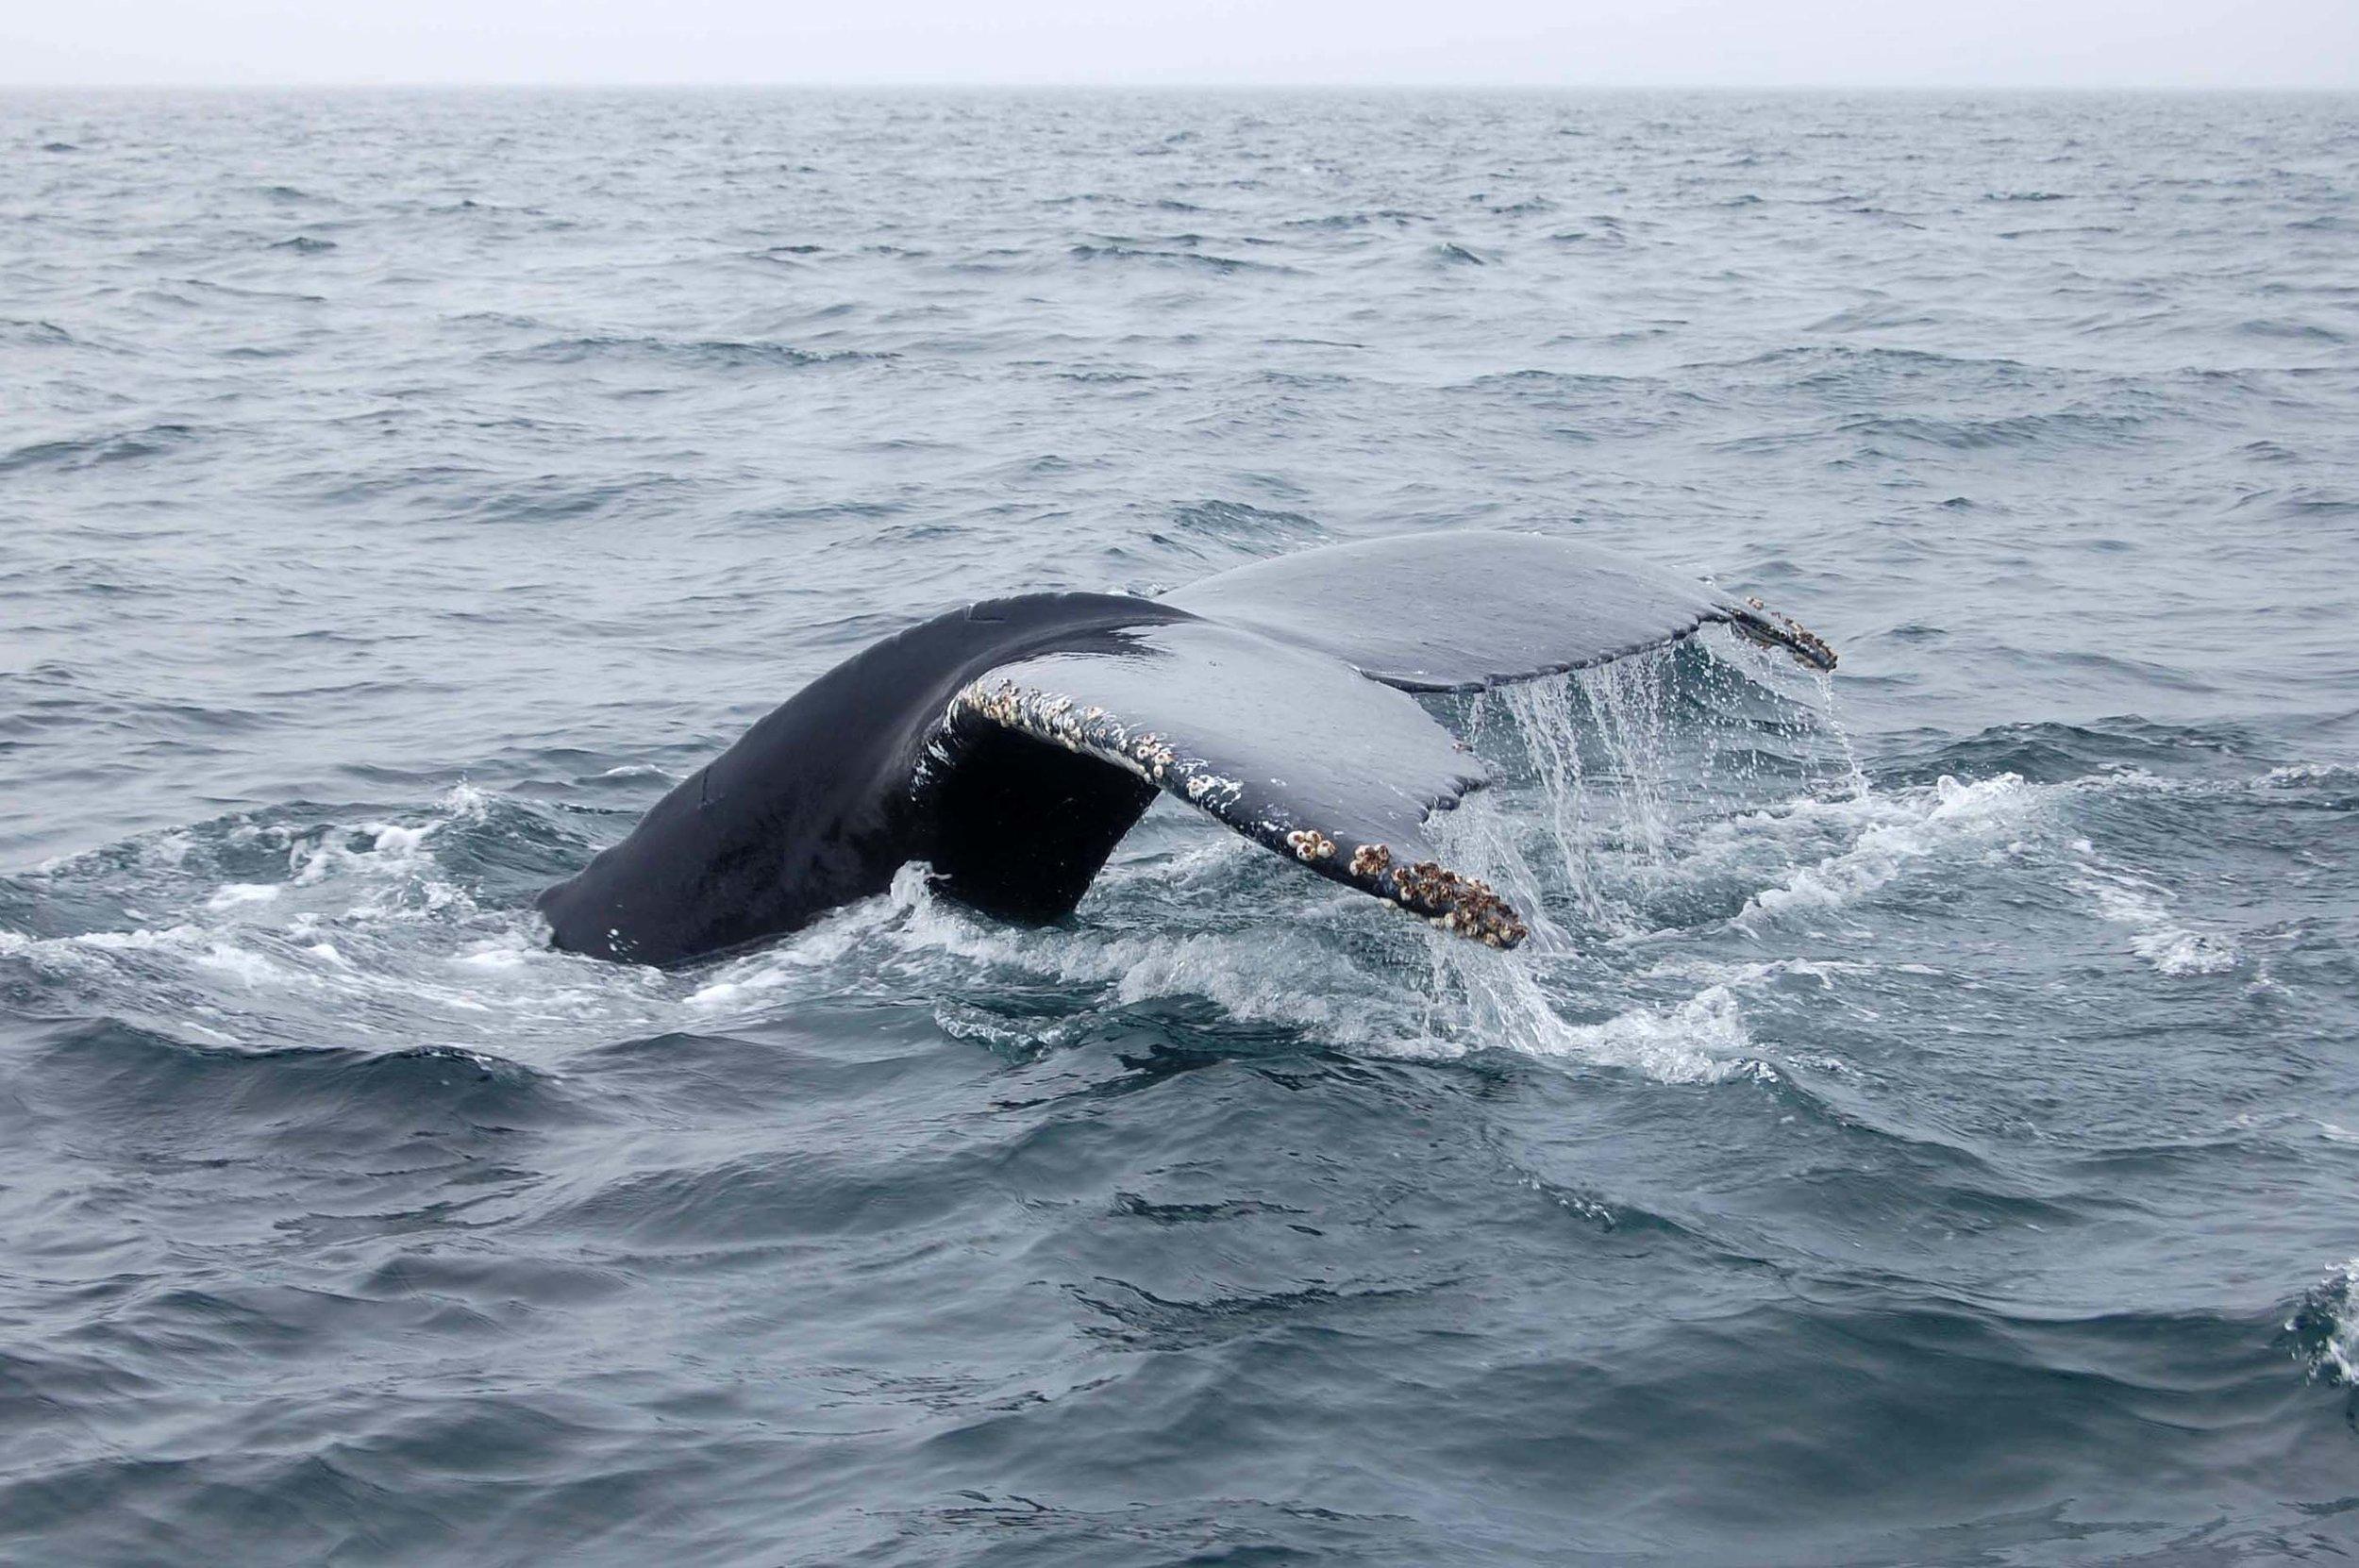 Humpback whale off Nova Scotia